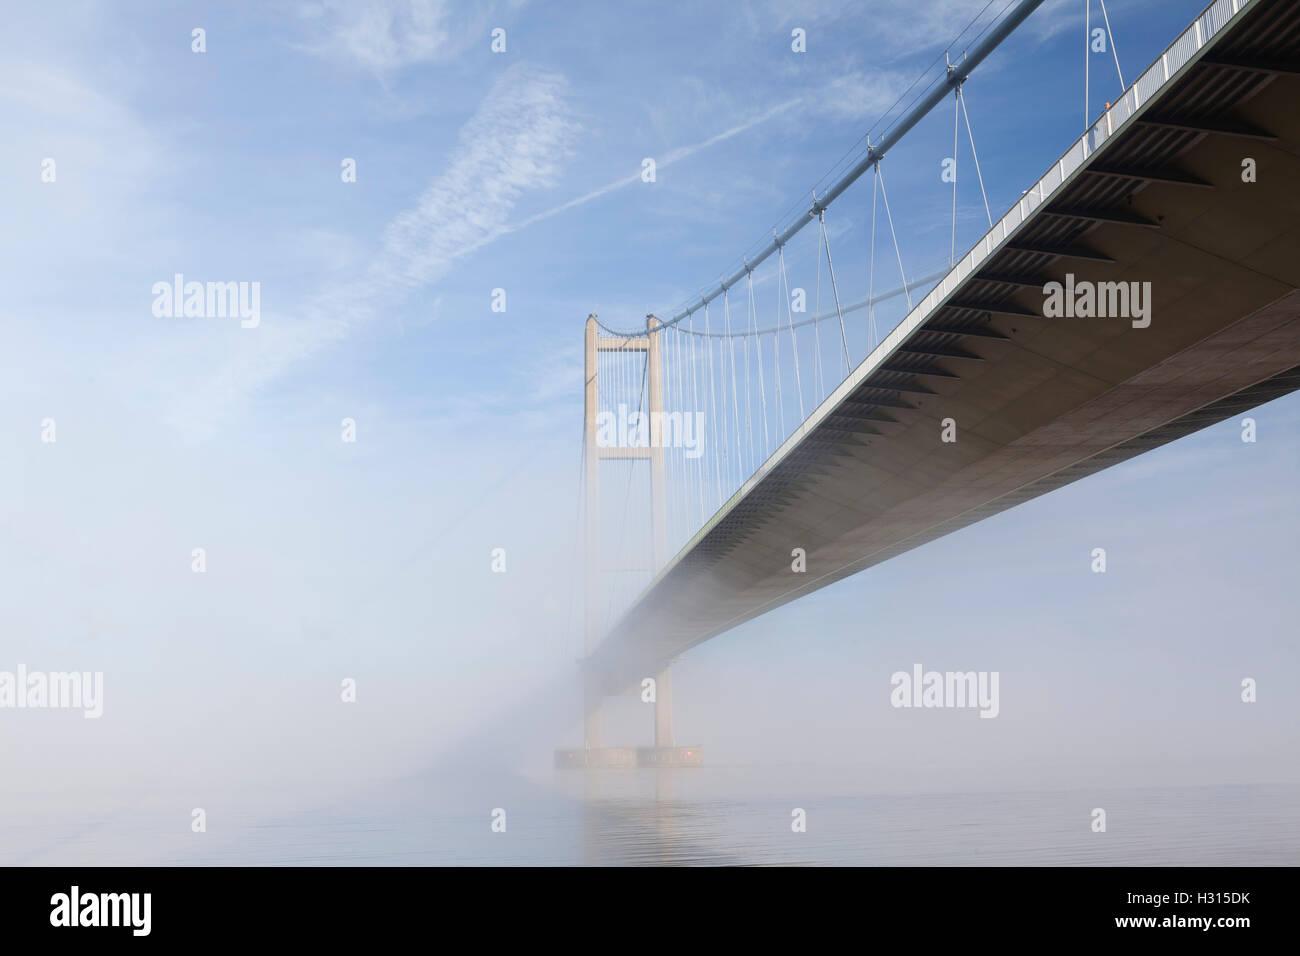 Barton-upon-Humber, Norte de Lincolnshire, Reino Unido. 3 de octubre de 2016. El Puente Humber envuelta en la niebla Imagen De Stock